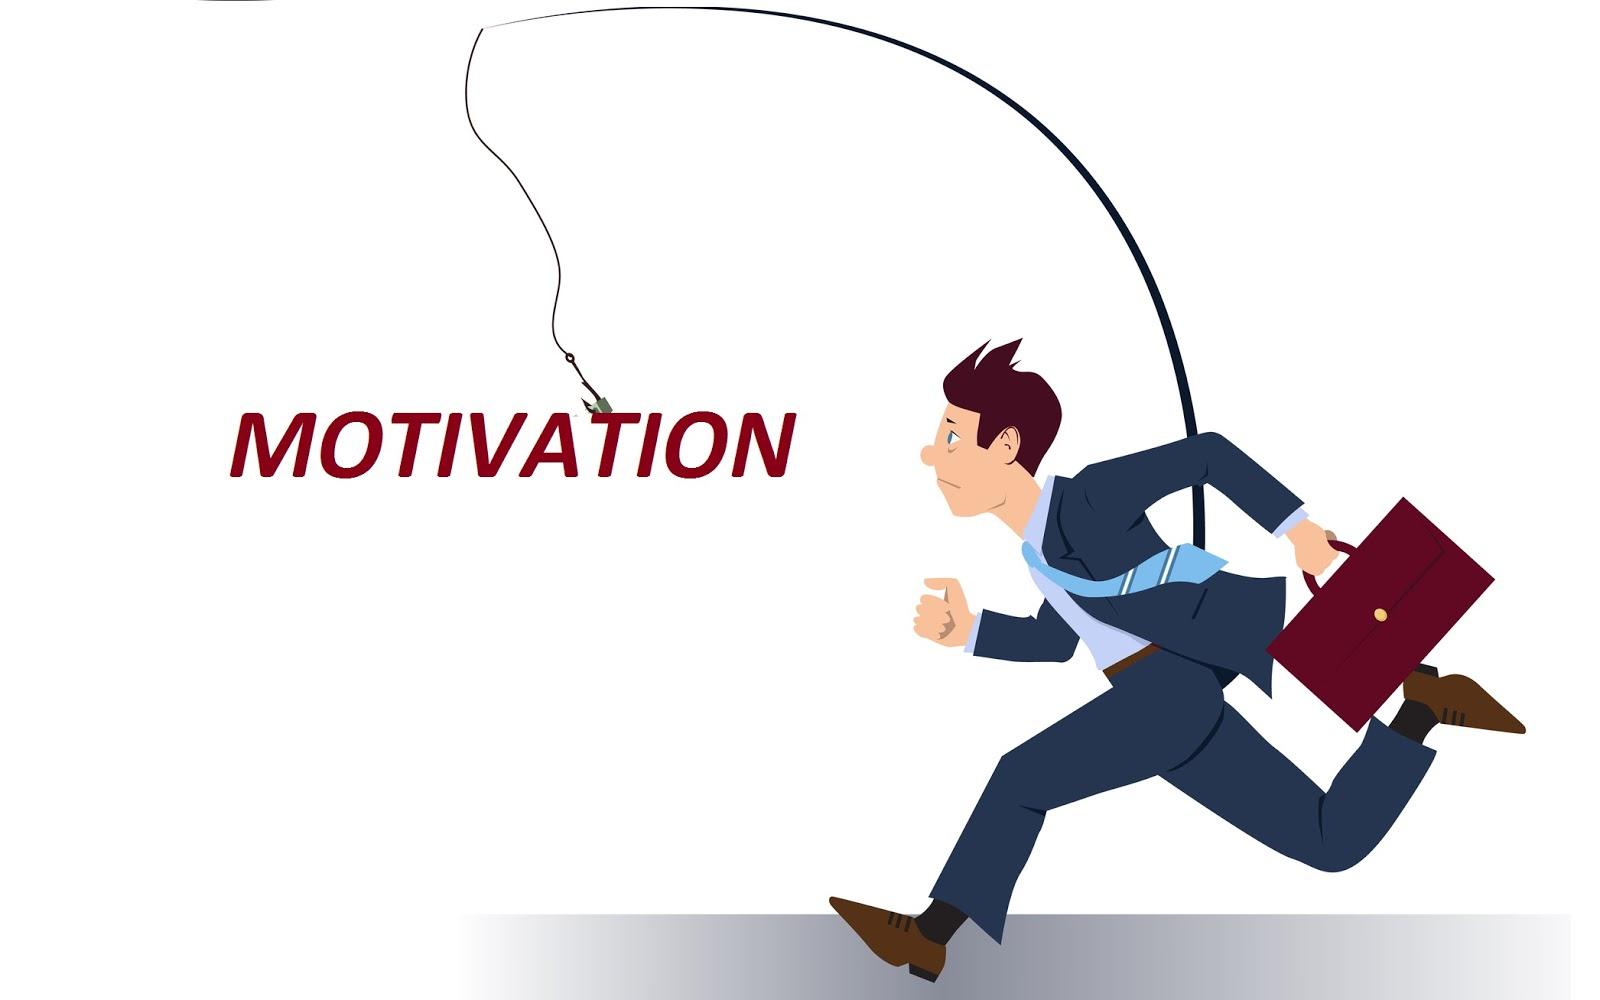 მოტივაციის როლი ადამიანის ყოველდღიურ საქმიანობაში